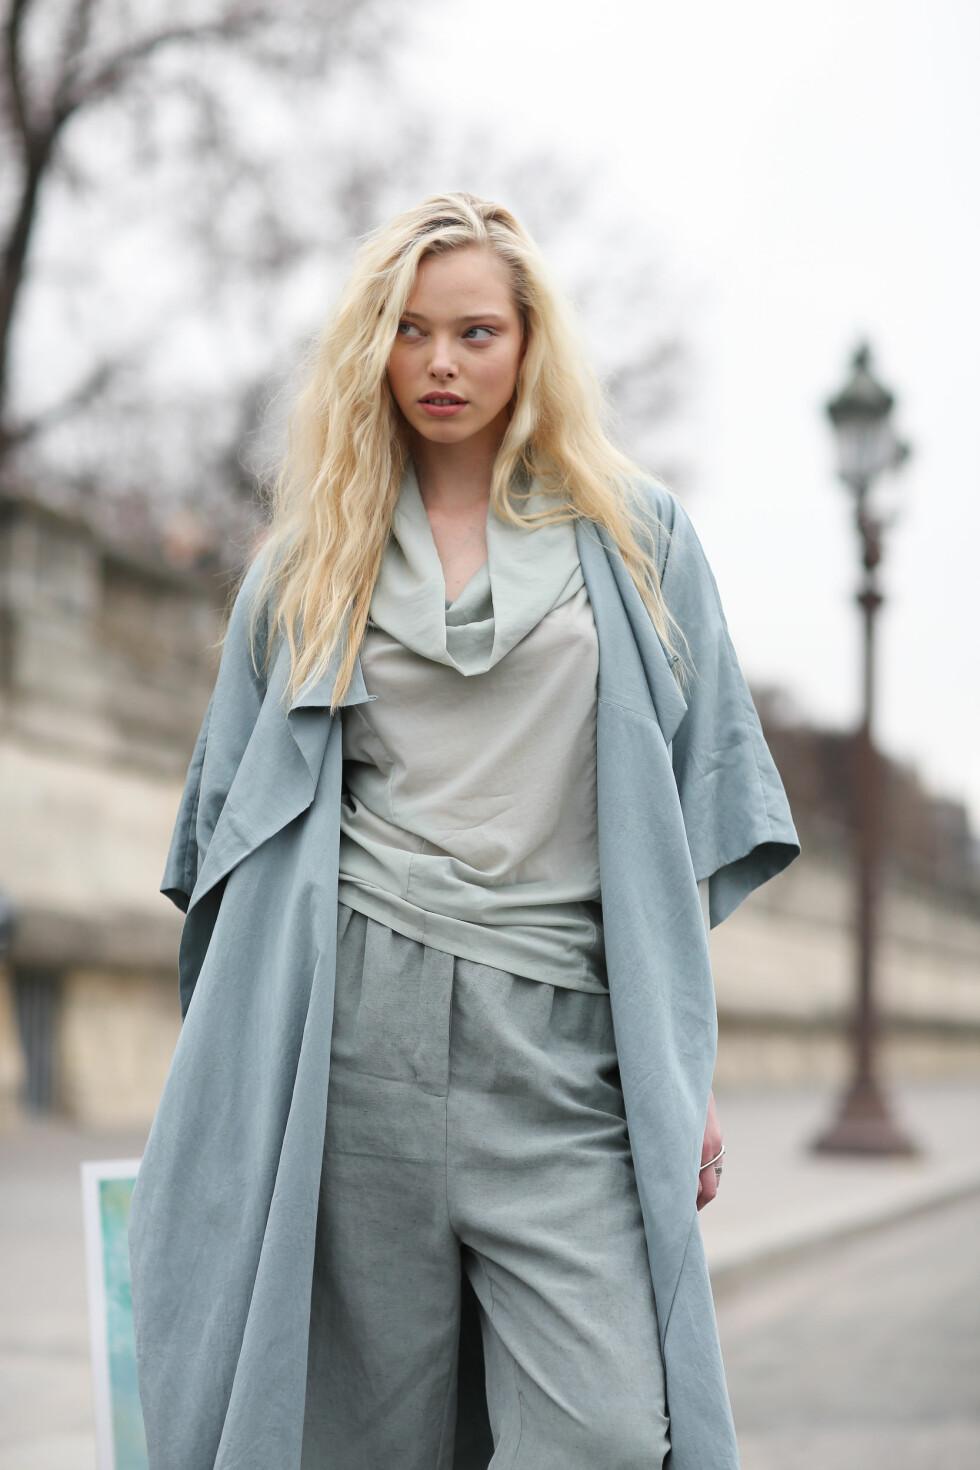 Modell og moteikon Tanya Dziahileva kledde seg i en av vårens heteste fargetrender, babyblått, under moteuken i Paris.   Foto: Scanpix